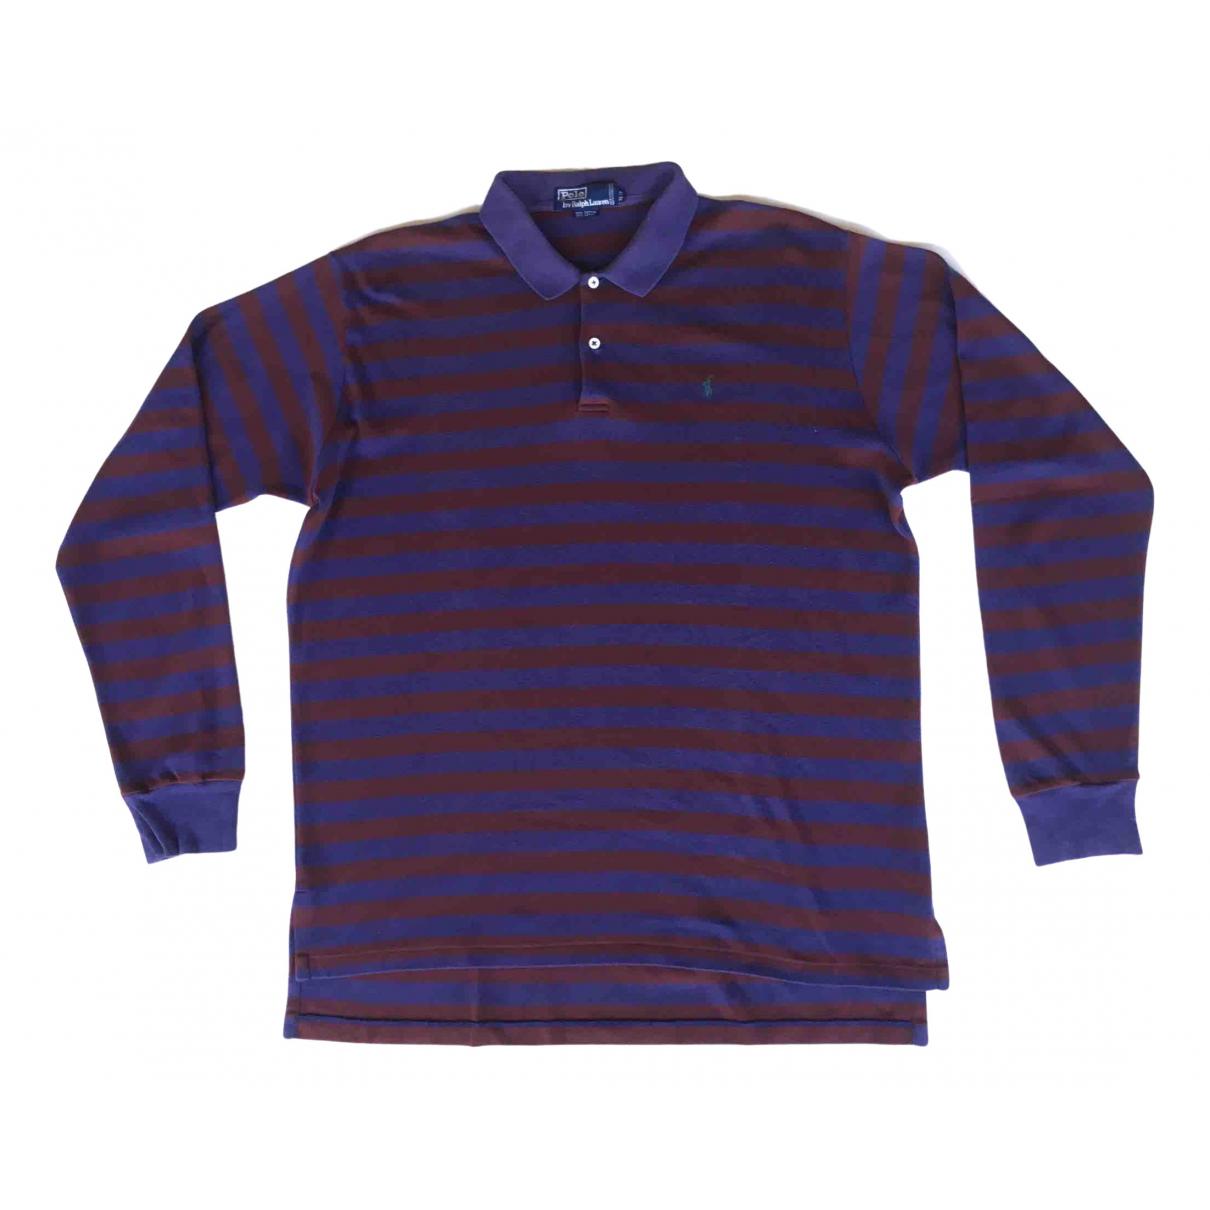 Polo Ralph Lauren - Polos Polo classique manches longues pour homme en coton - multicolore